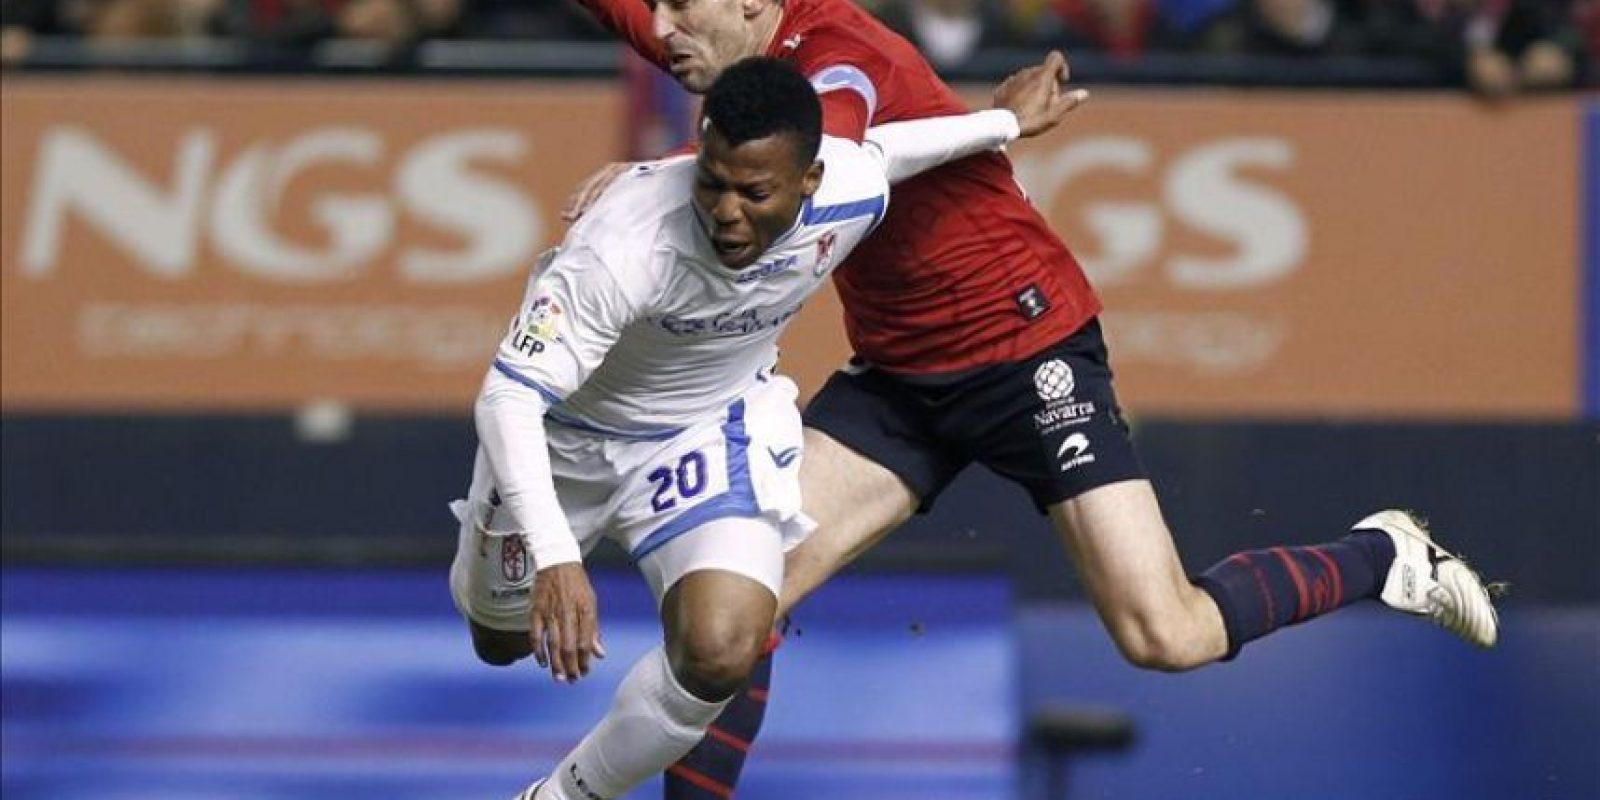 El delantero nigeriano del Granada CF Ikechuwku Uche (i) cae ante la entrada del centrocampista de Osasuna Patxi Puñal durante el partido, correspondiente a la vigésimo quinta jornada del Campeonato Nacional de Liga de Primera División, que han disputado ambos equipos en el estadio Reyno de Navarra. EFE